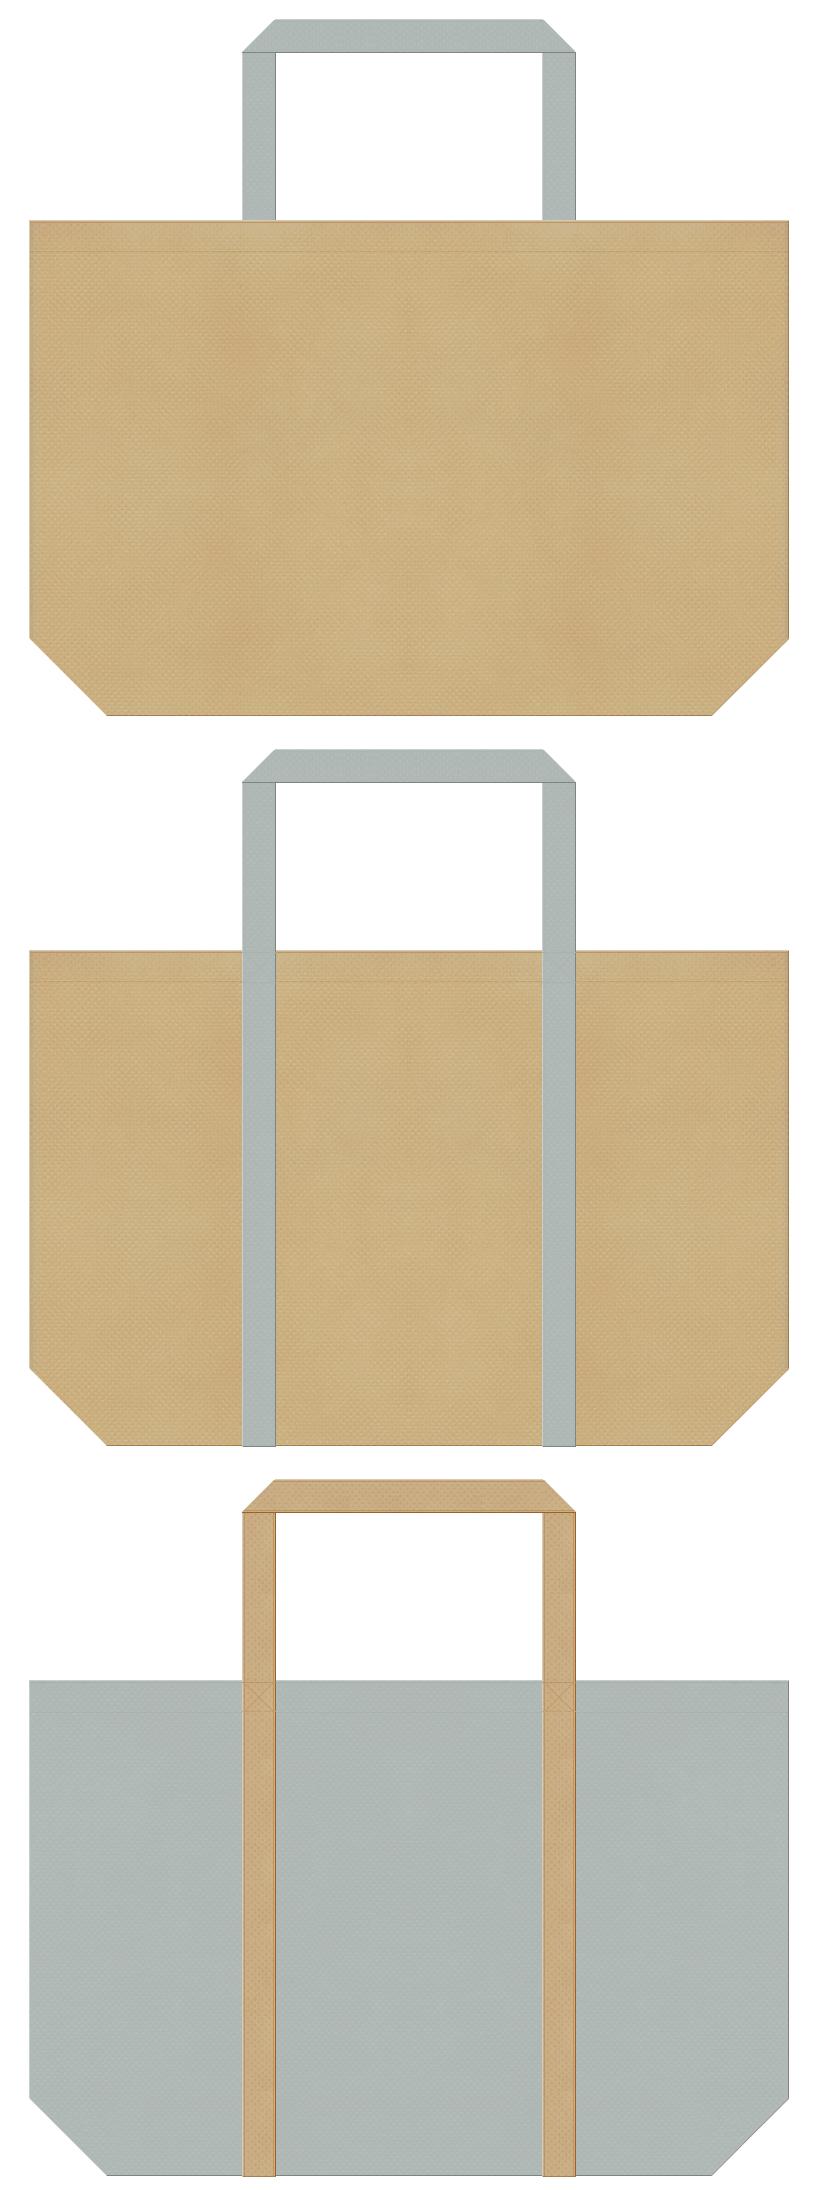 ニット・アウター・セーター・レギンス・秋冬ファッションのショッピングバッグにお奨めの不織布バッグのデザイン:カーキ色とグレー色のコーデ